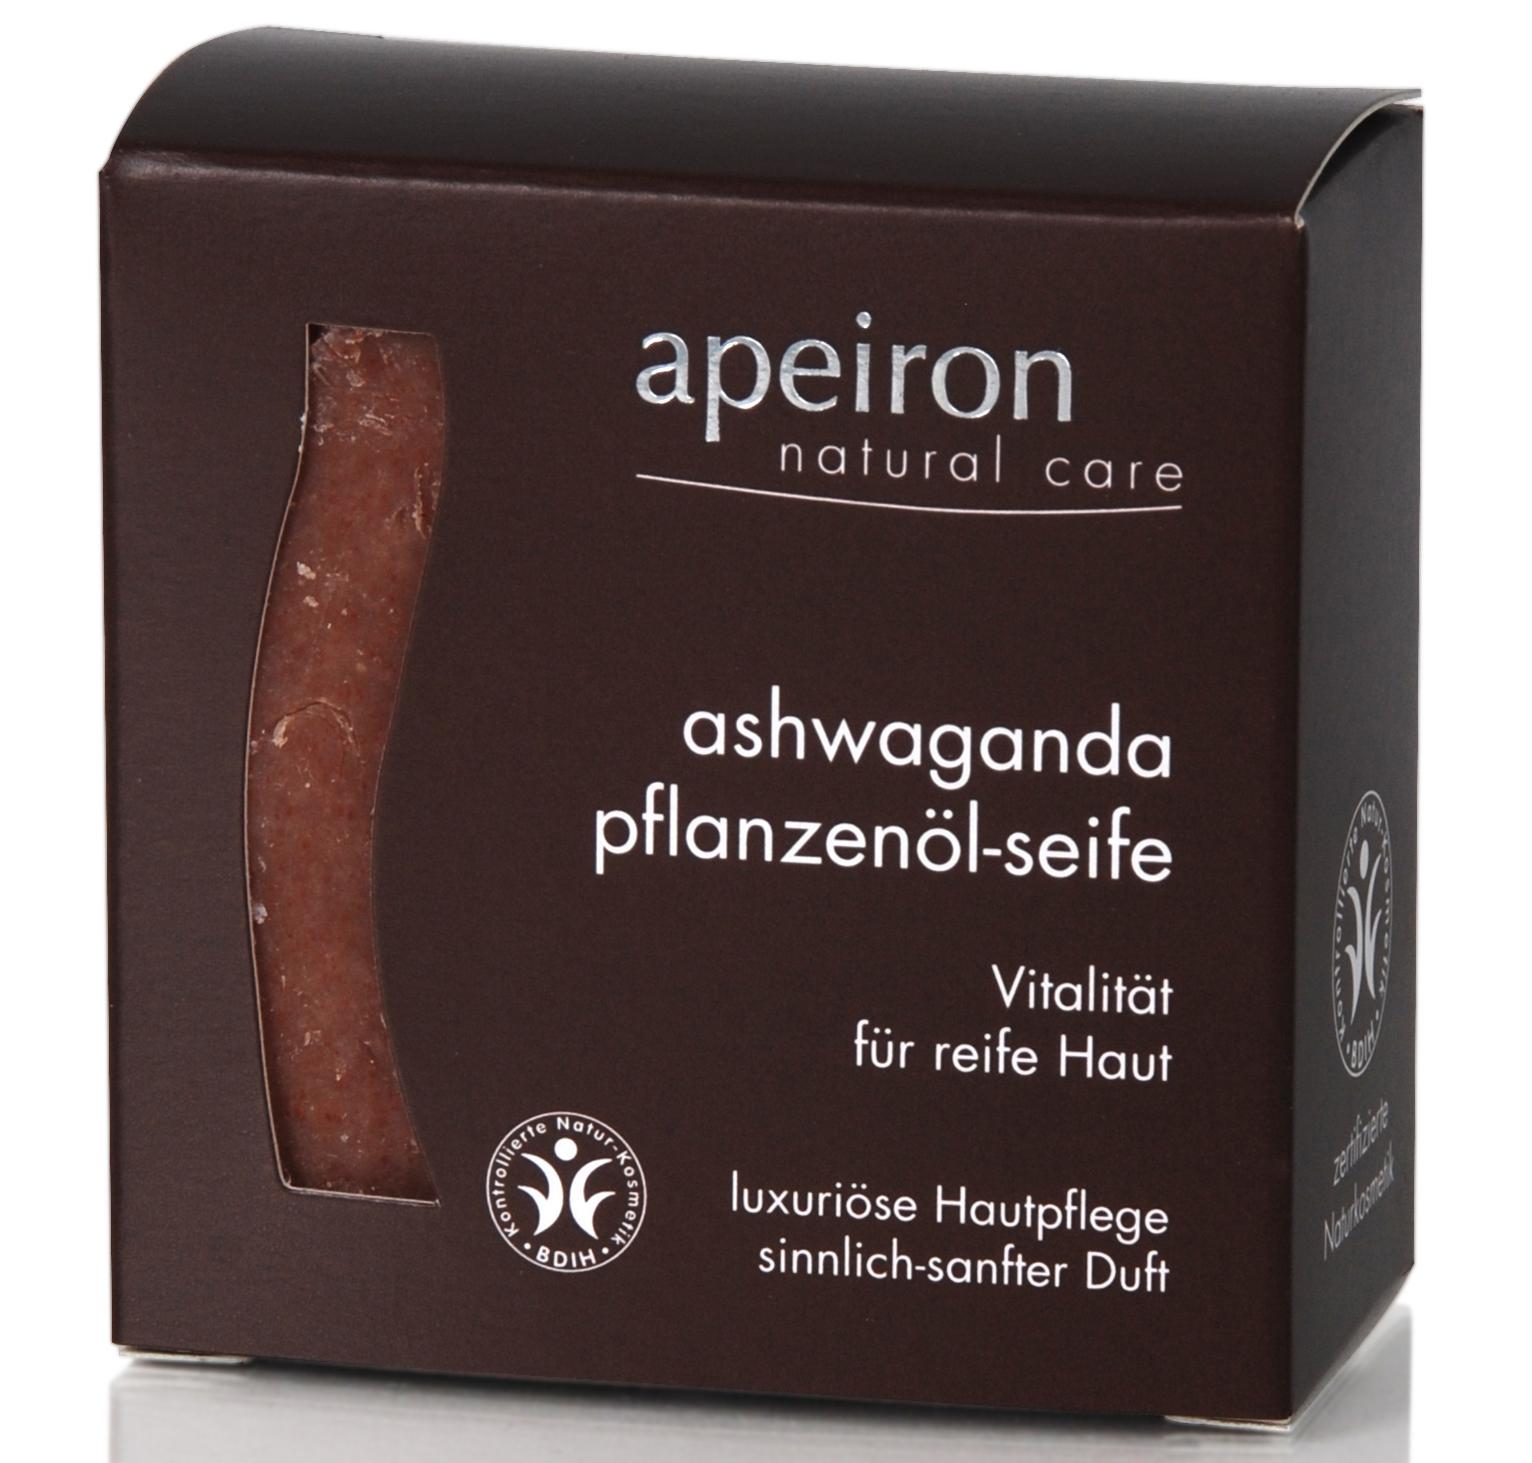 Ashwaganda - Vitalität für reife Haut